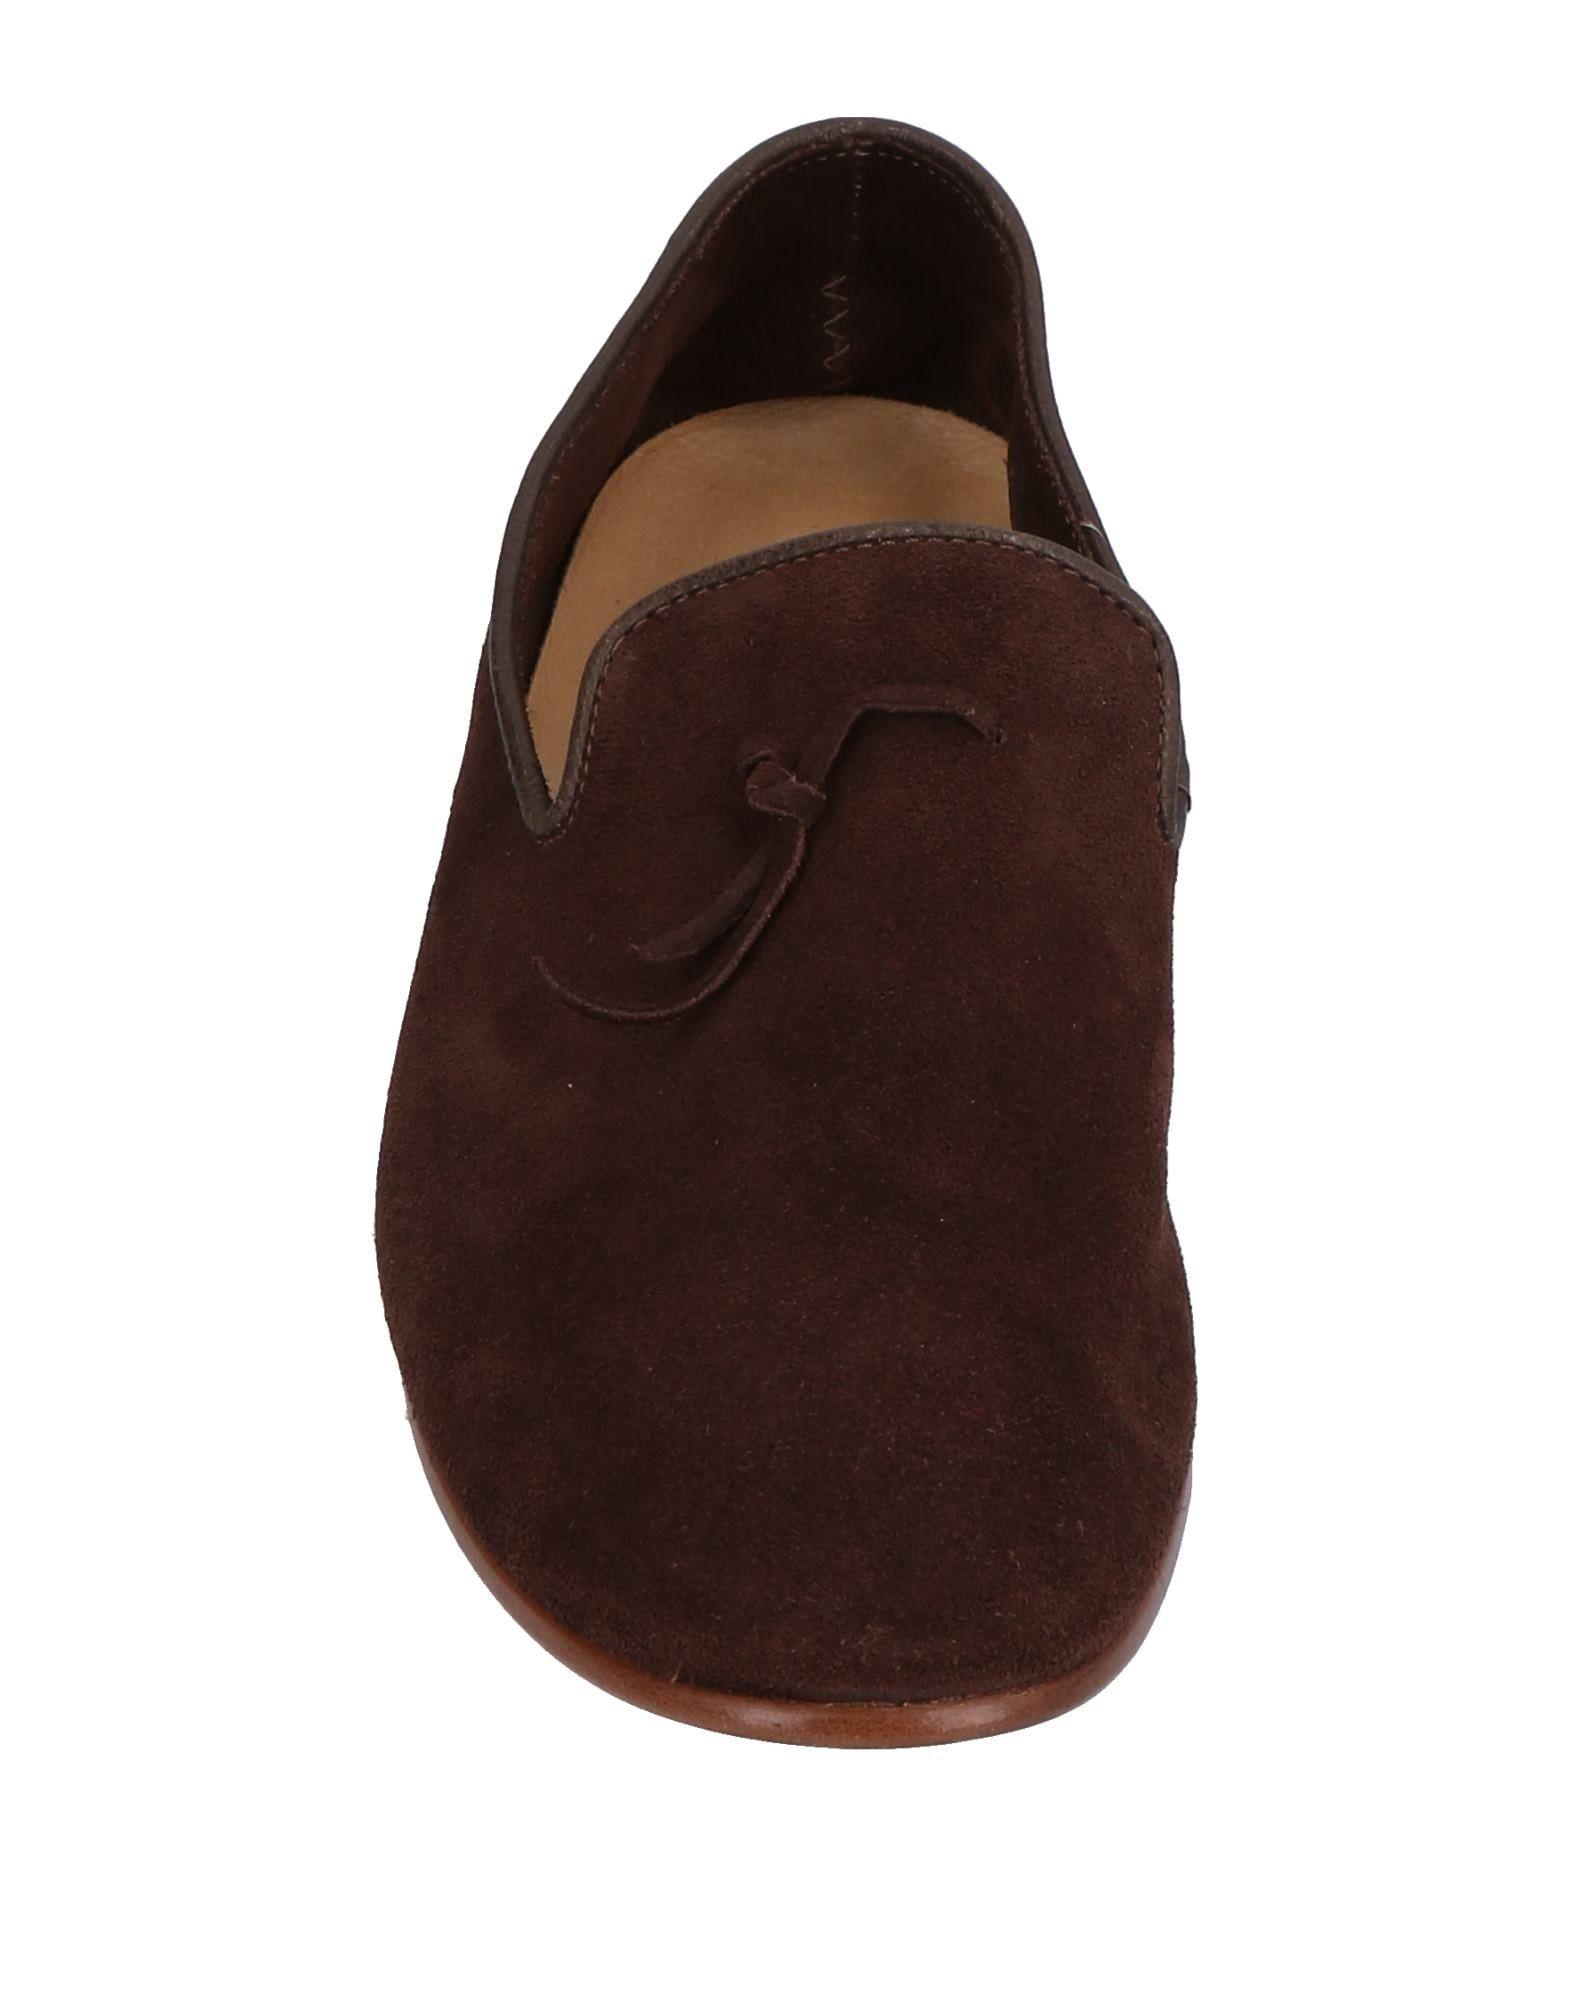 Rabatt echte Mokassins Schuhe Bernardo M Mokassins echte Herren  44950489CH d583d8